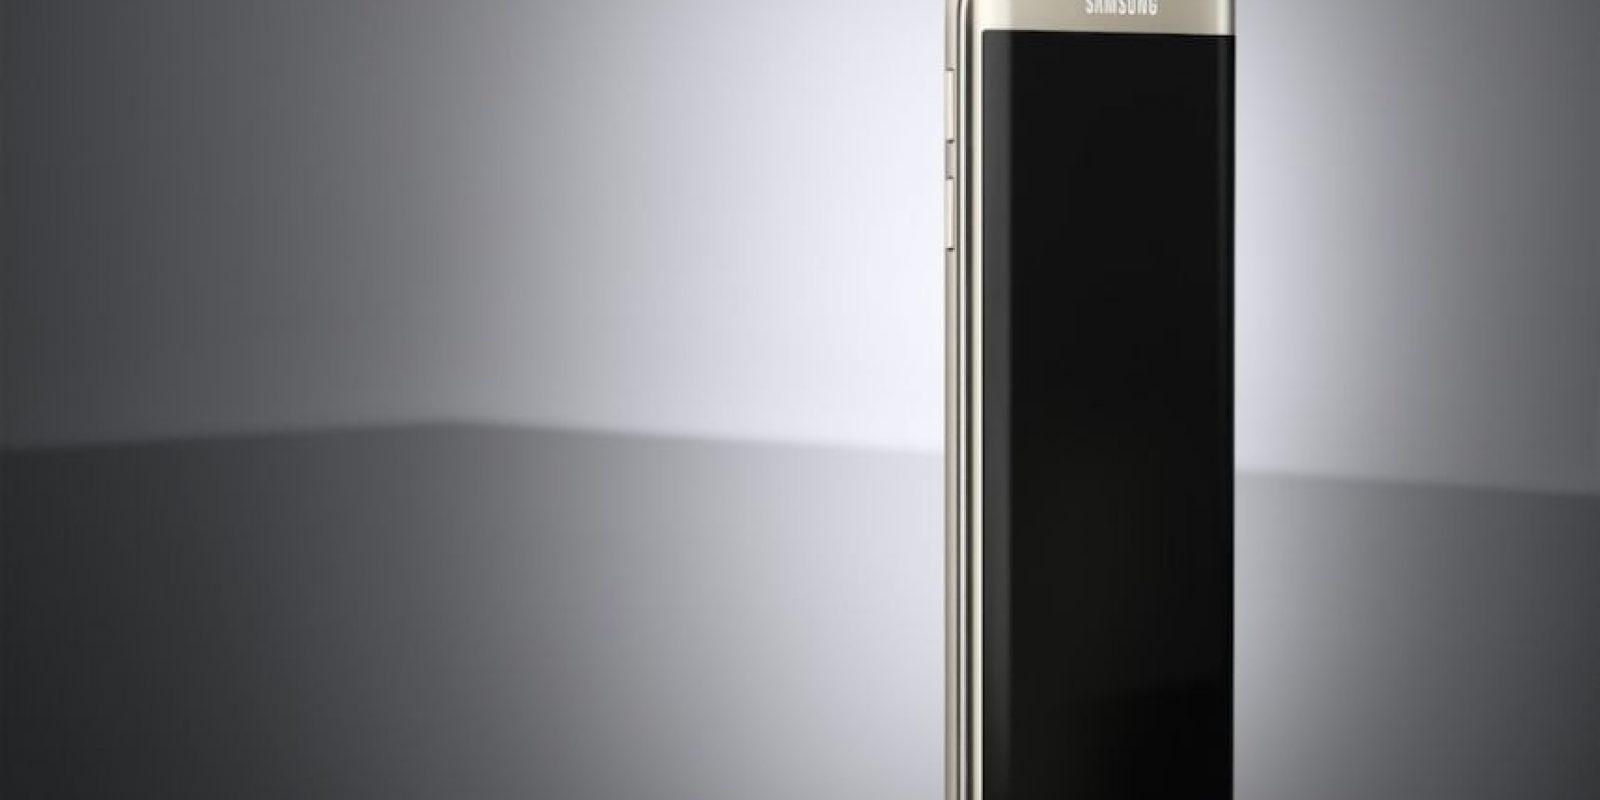 Cuenta con memoria interna de 32, 64 o 128GB y 3GB en RAM. Foto:Samsung